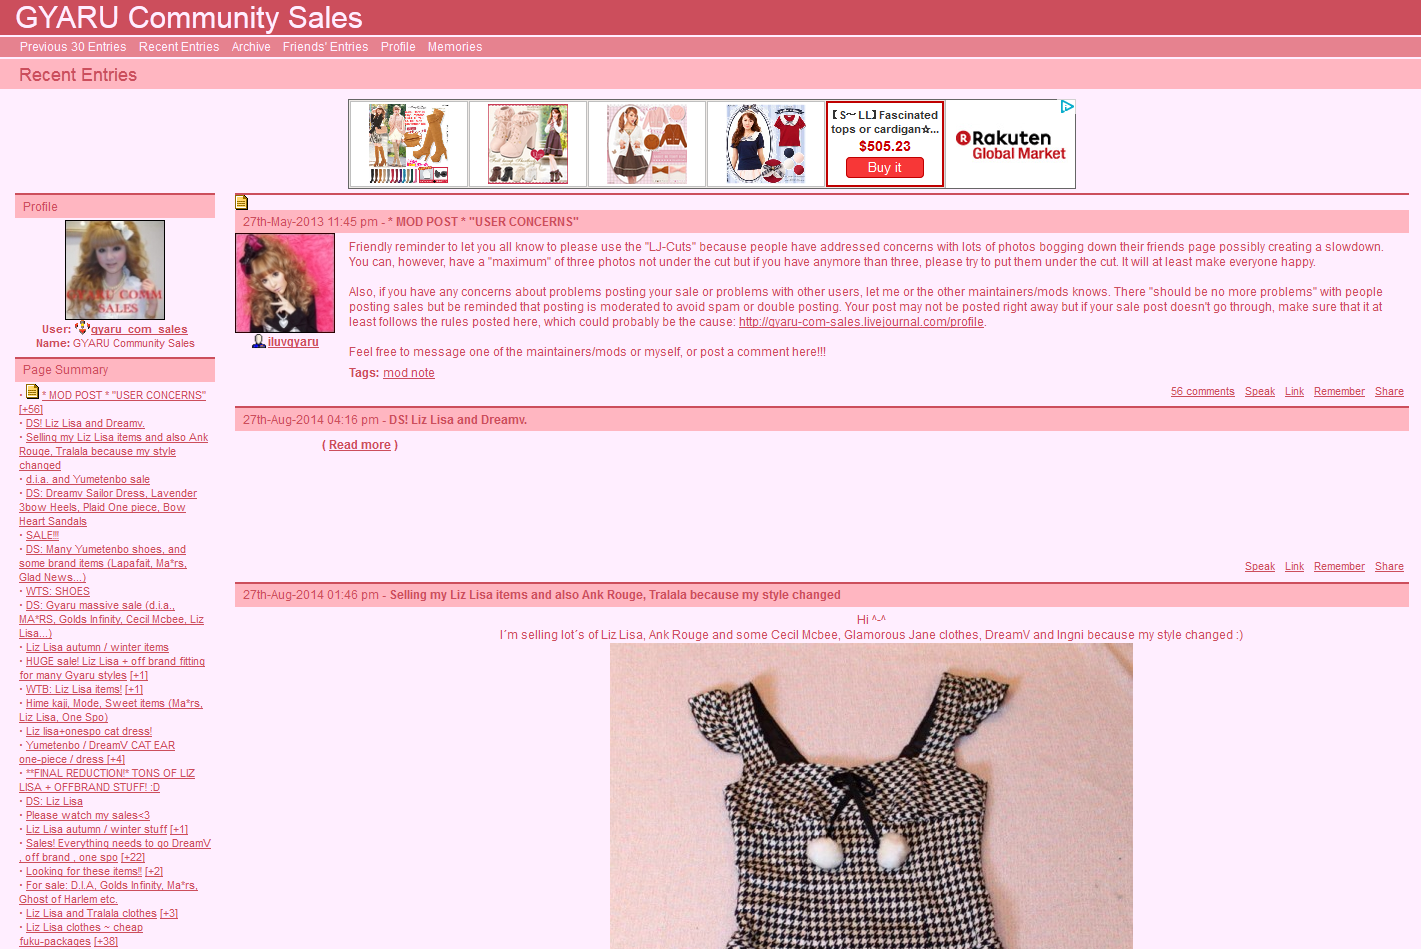 http://gyaru-com-sales.livejournal.com/